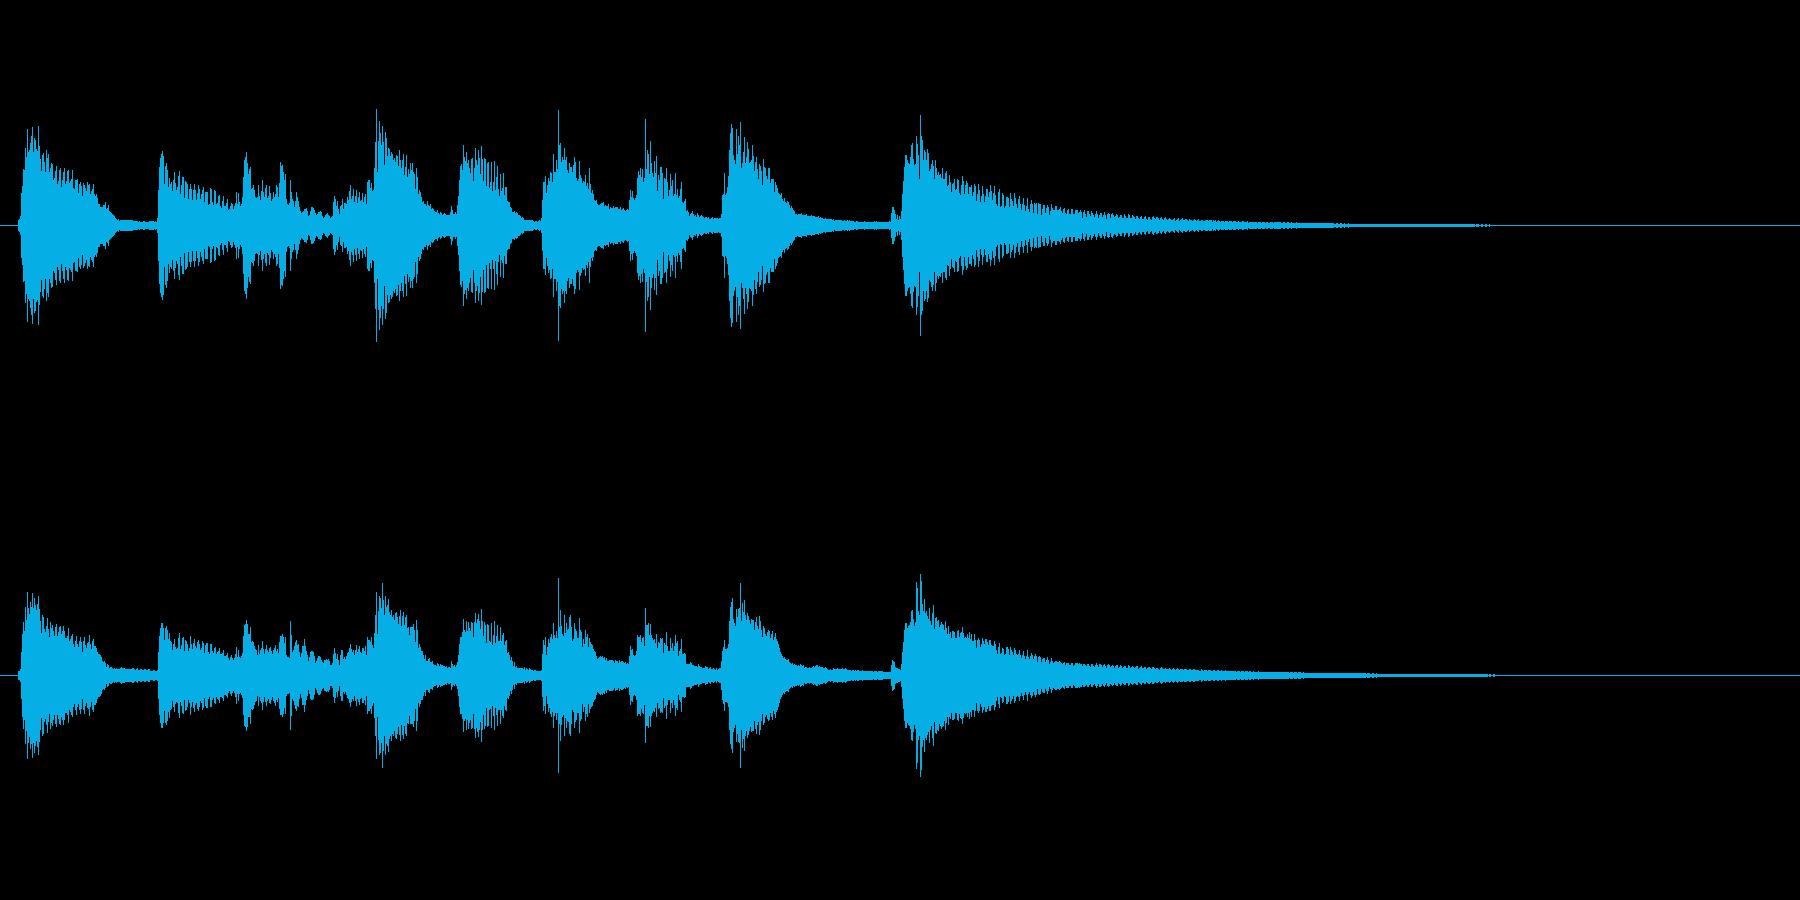 鉄琴とウクレレの明るいジングルの再生済みの波形